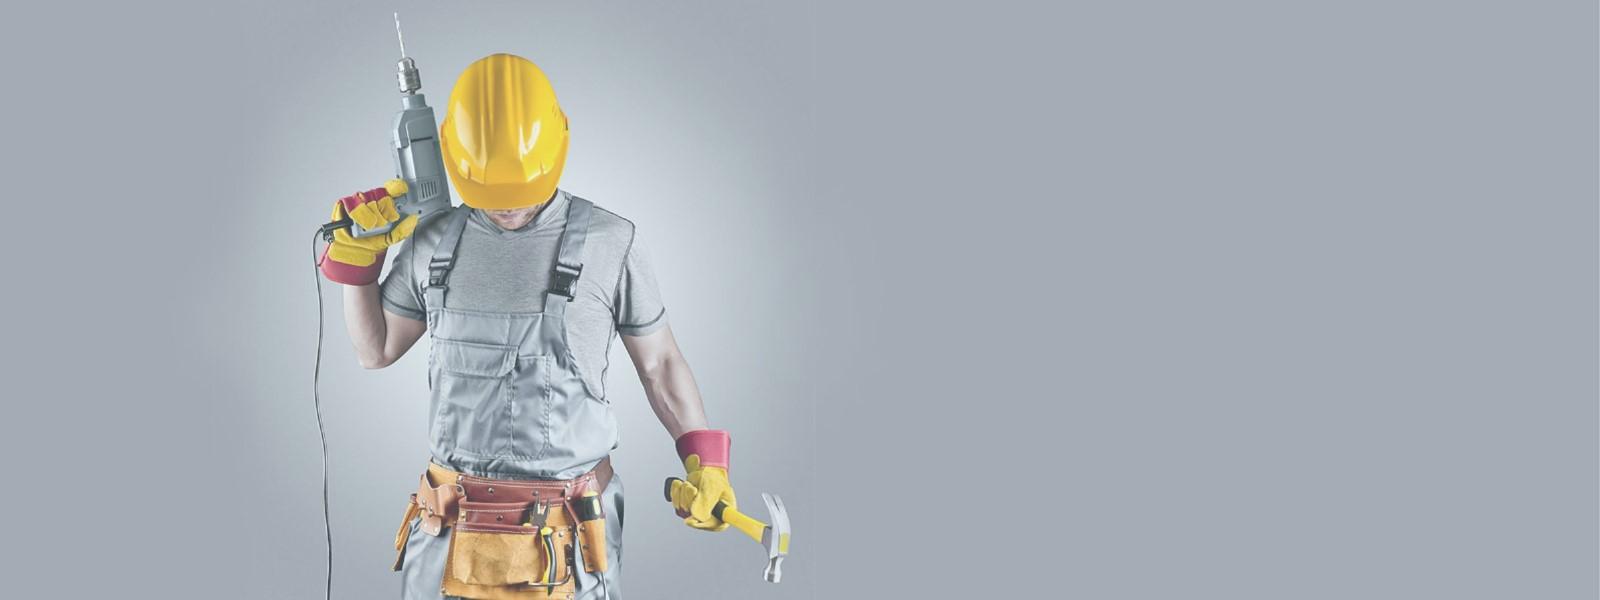 Cerchi un idraulico o un elettricista?